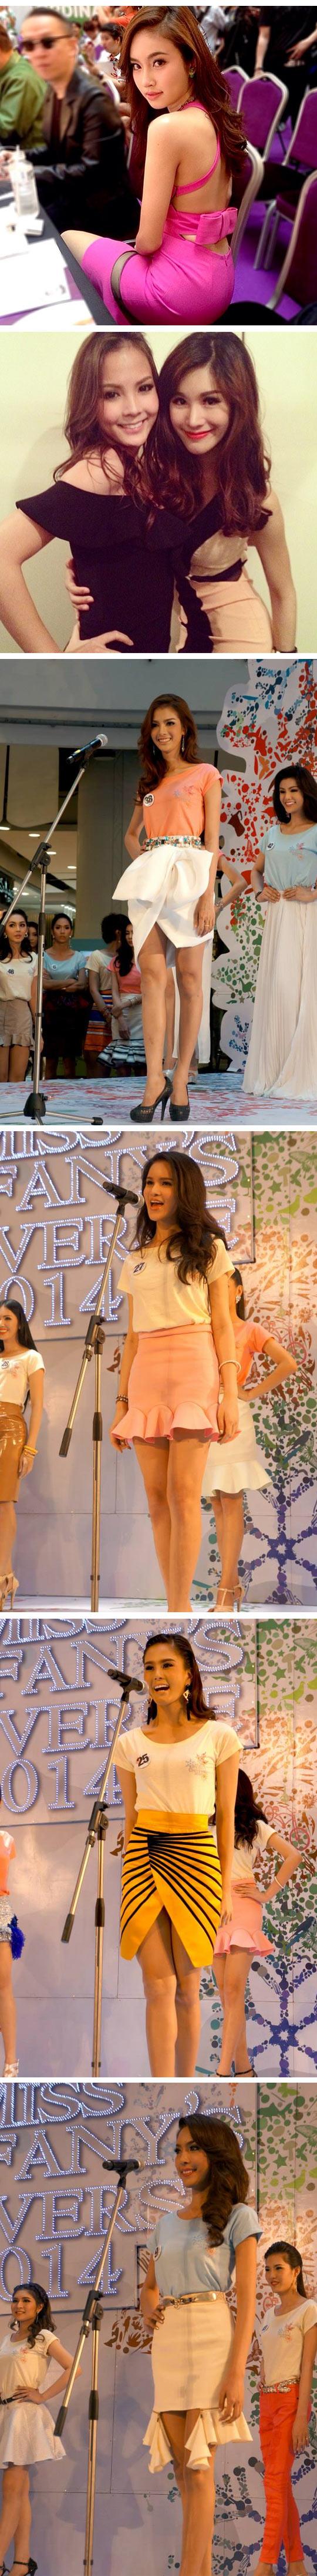 cool-Miss-Tiffany-2014-Thailand-boys